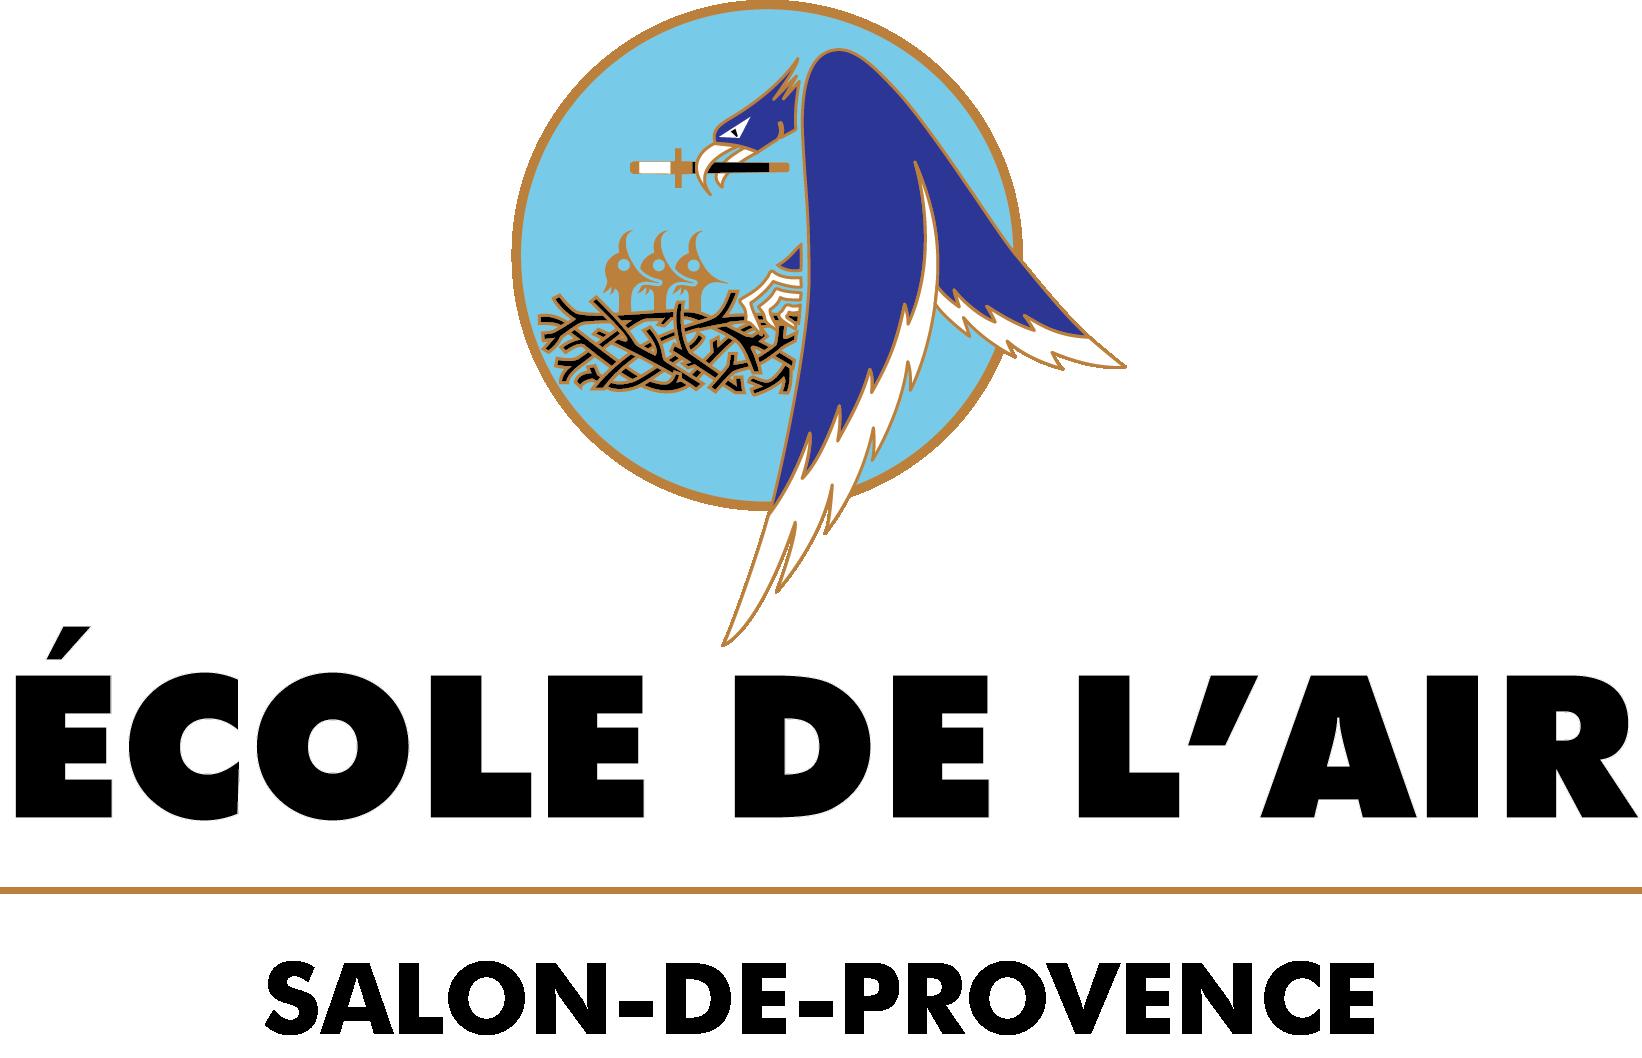 Cole de l 39 air n 2 au classement ecoles d ing nieurs for Salon des ecoles de commerce